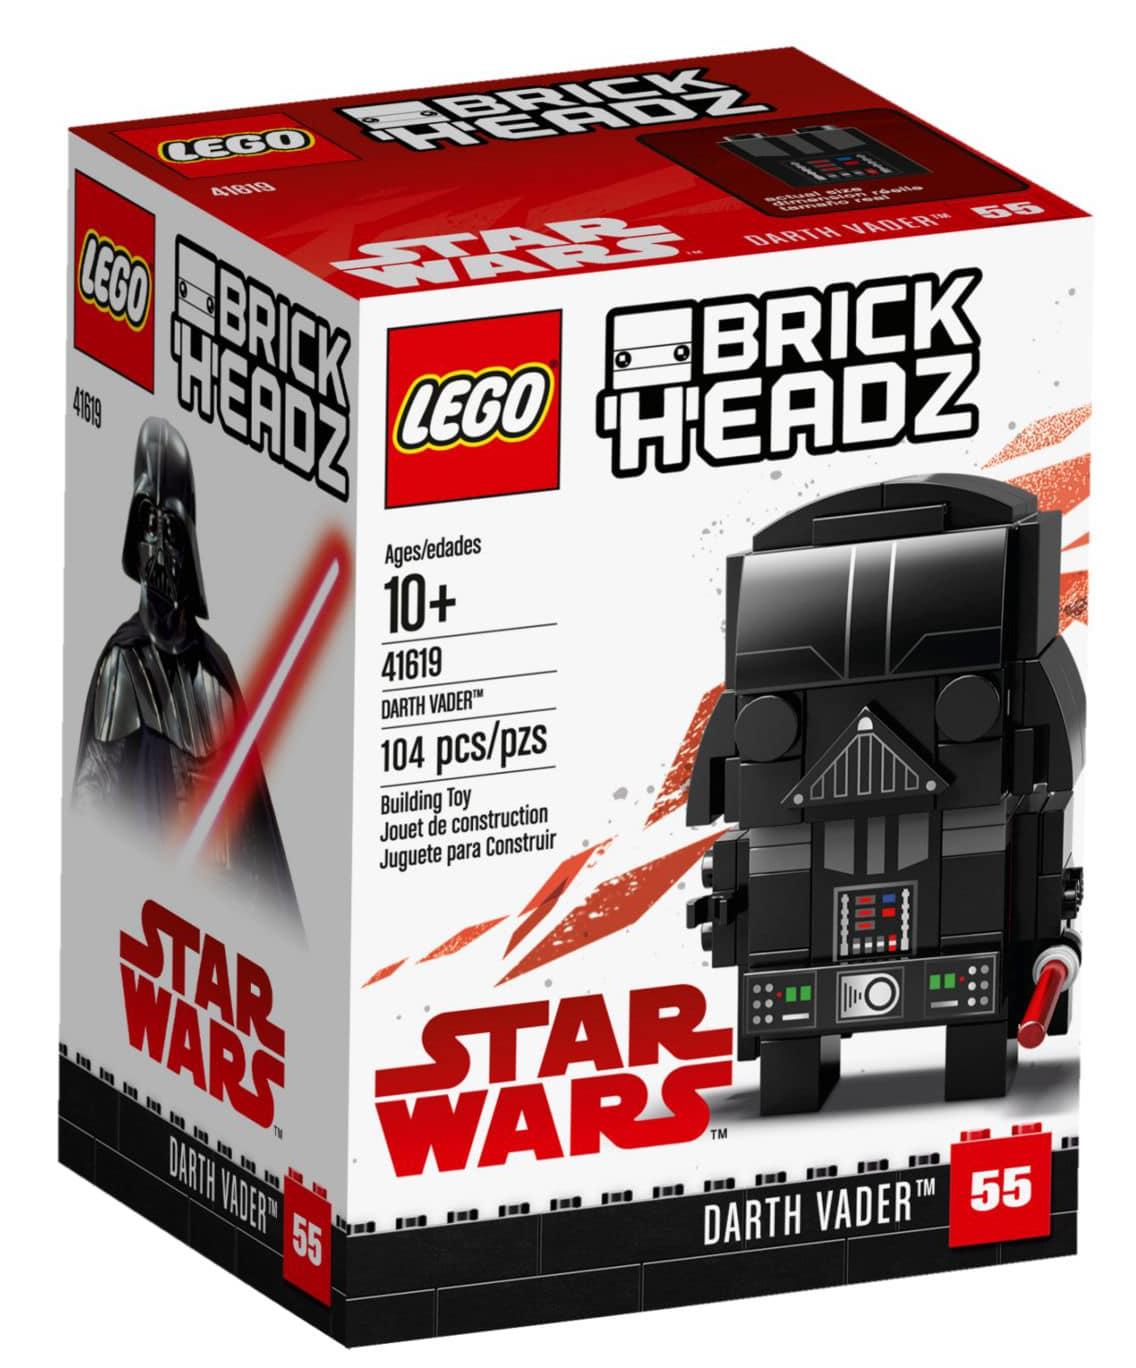 LEGO 41619 Darth Vader BrickHeadz Box